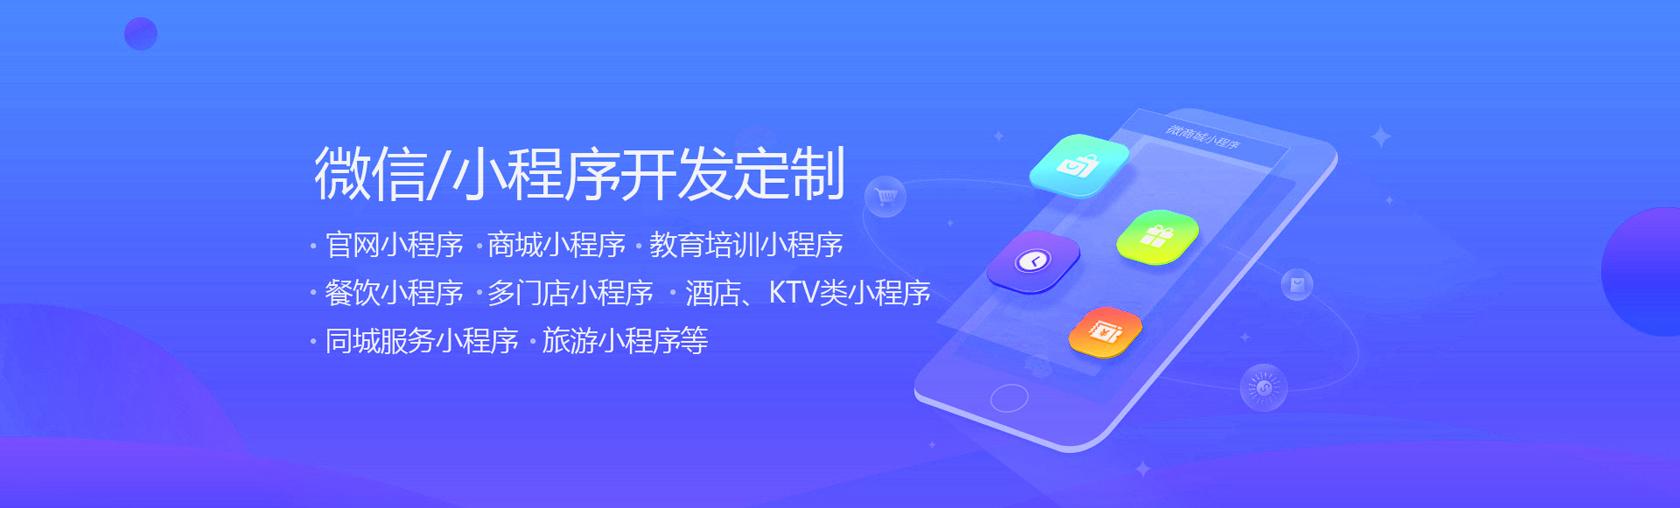 阜阳微信小程序制作、微信公众号开发公司